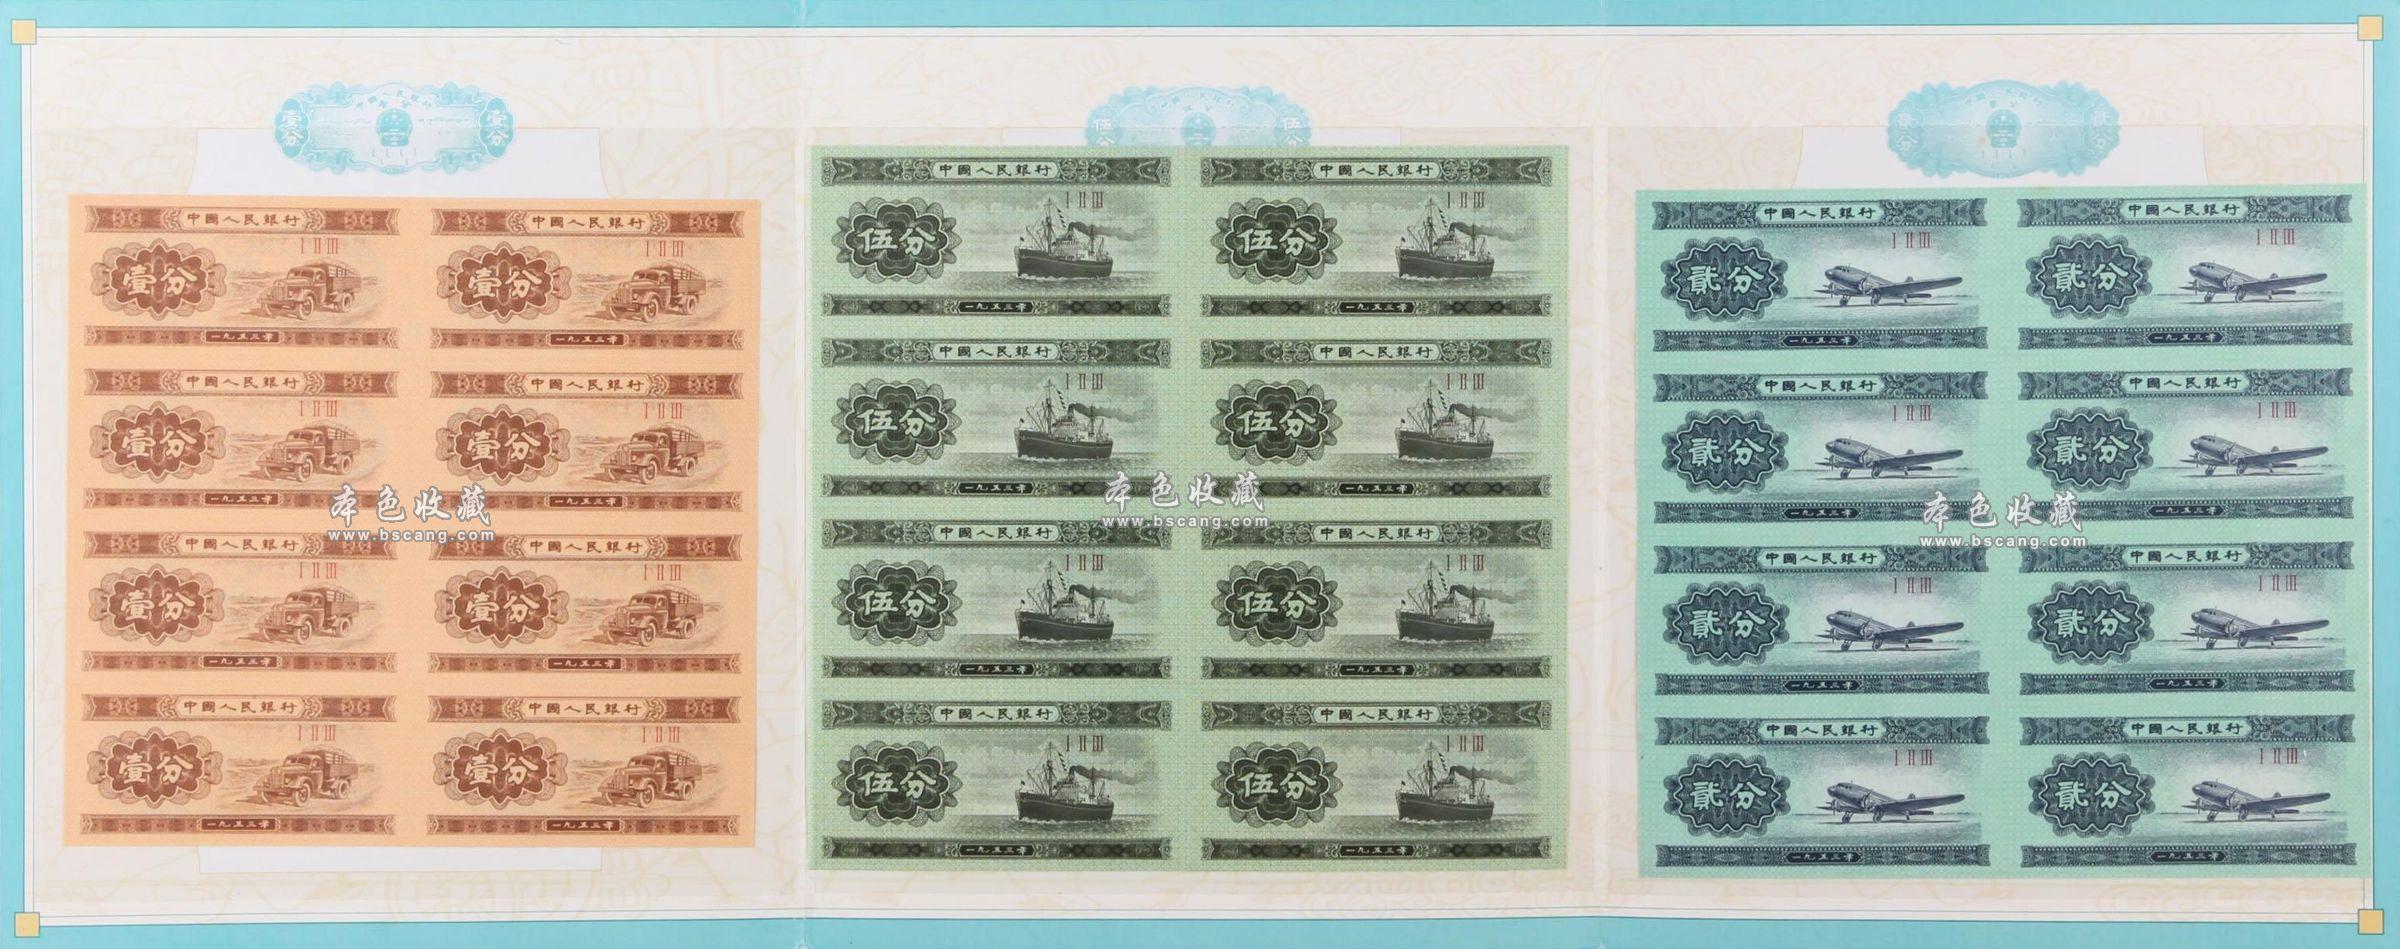 第二套人民币 分币 八连体